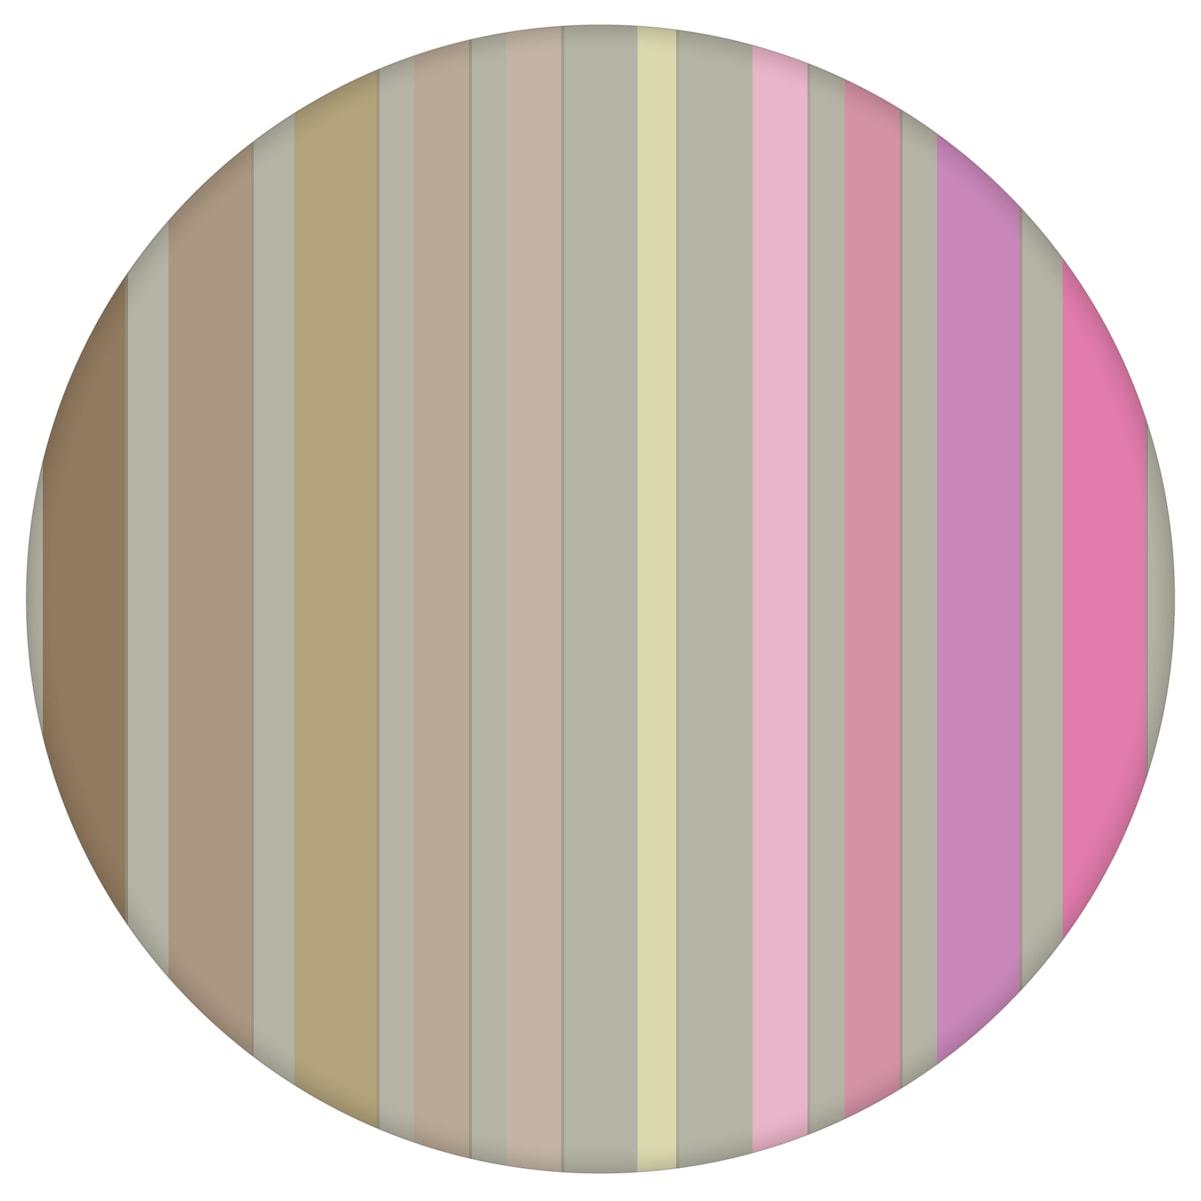 """Classic Design Tapete """"dekorativer Streifen"""" in edlen Farben, rosa beige Vlies Streifentapete für Schlafzimmeraus dem GMM-BERLIN.com Sortiment: rosa Tapete zur Raumgestaltung: #00179 #beige #beige – cremefarbene Tapeten #Design #modern #rosa #rosa Tapeten #schlafzimmer #streifen #Streifentapete #Trend für individuelles Interiordesign"""